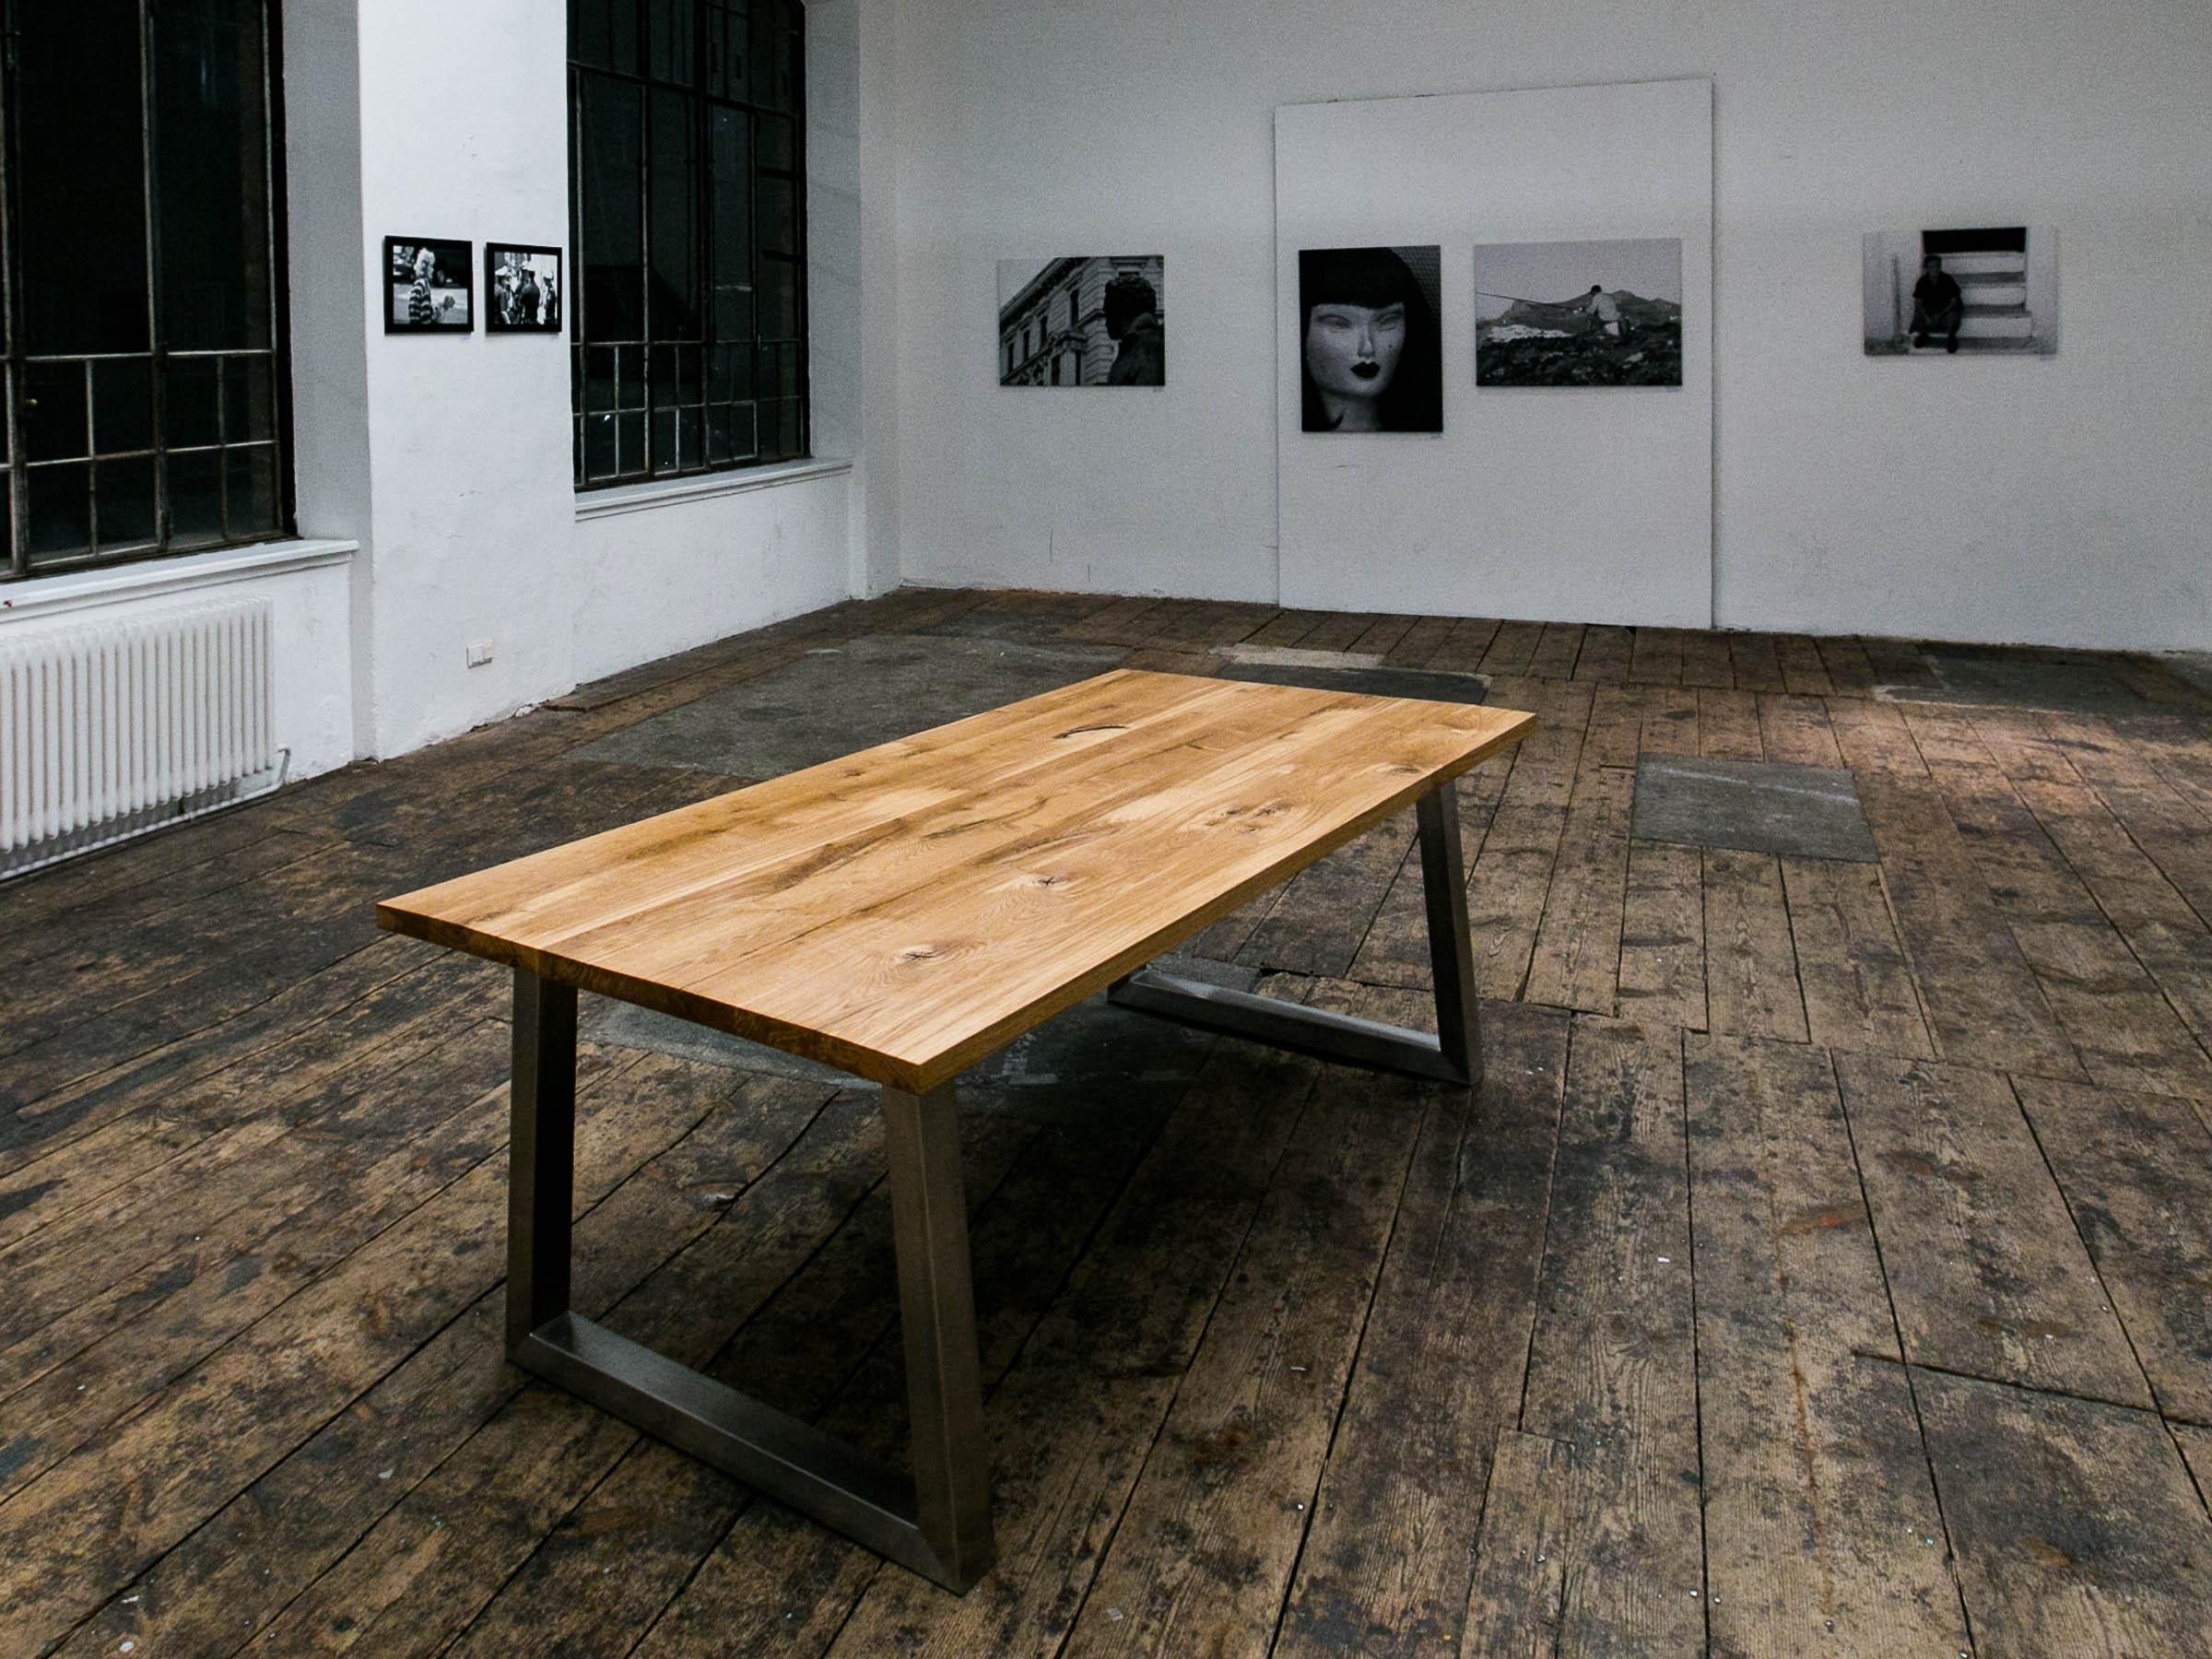 Ein Massivholztisch mit Eichenplatte auf einem Nirostagestell. Ausgestellt in einer Fabrikshalle im Zuge einer Fotovernissage.